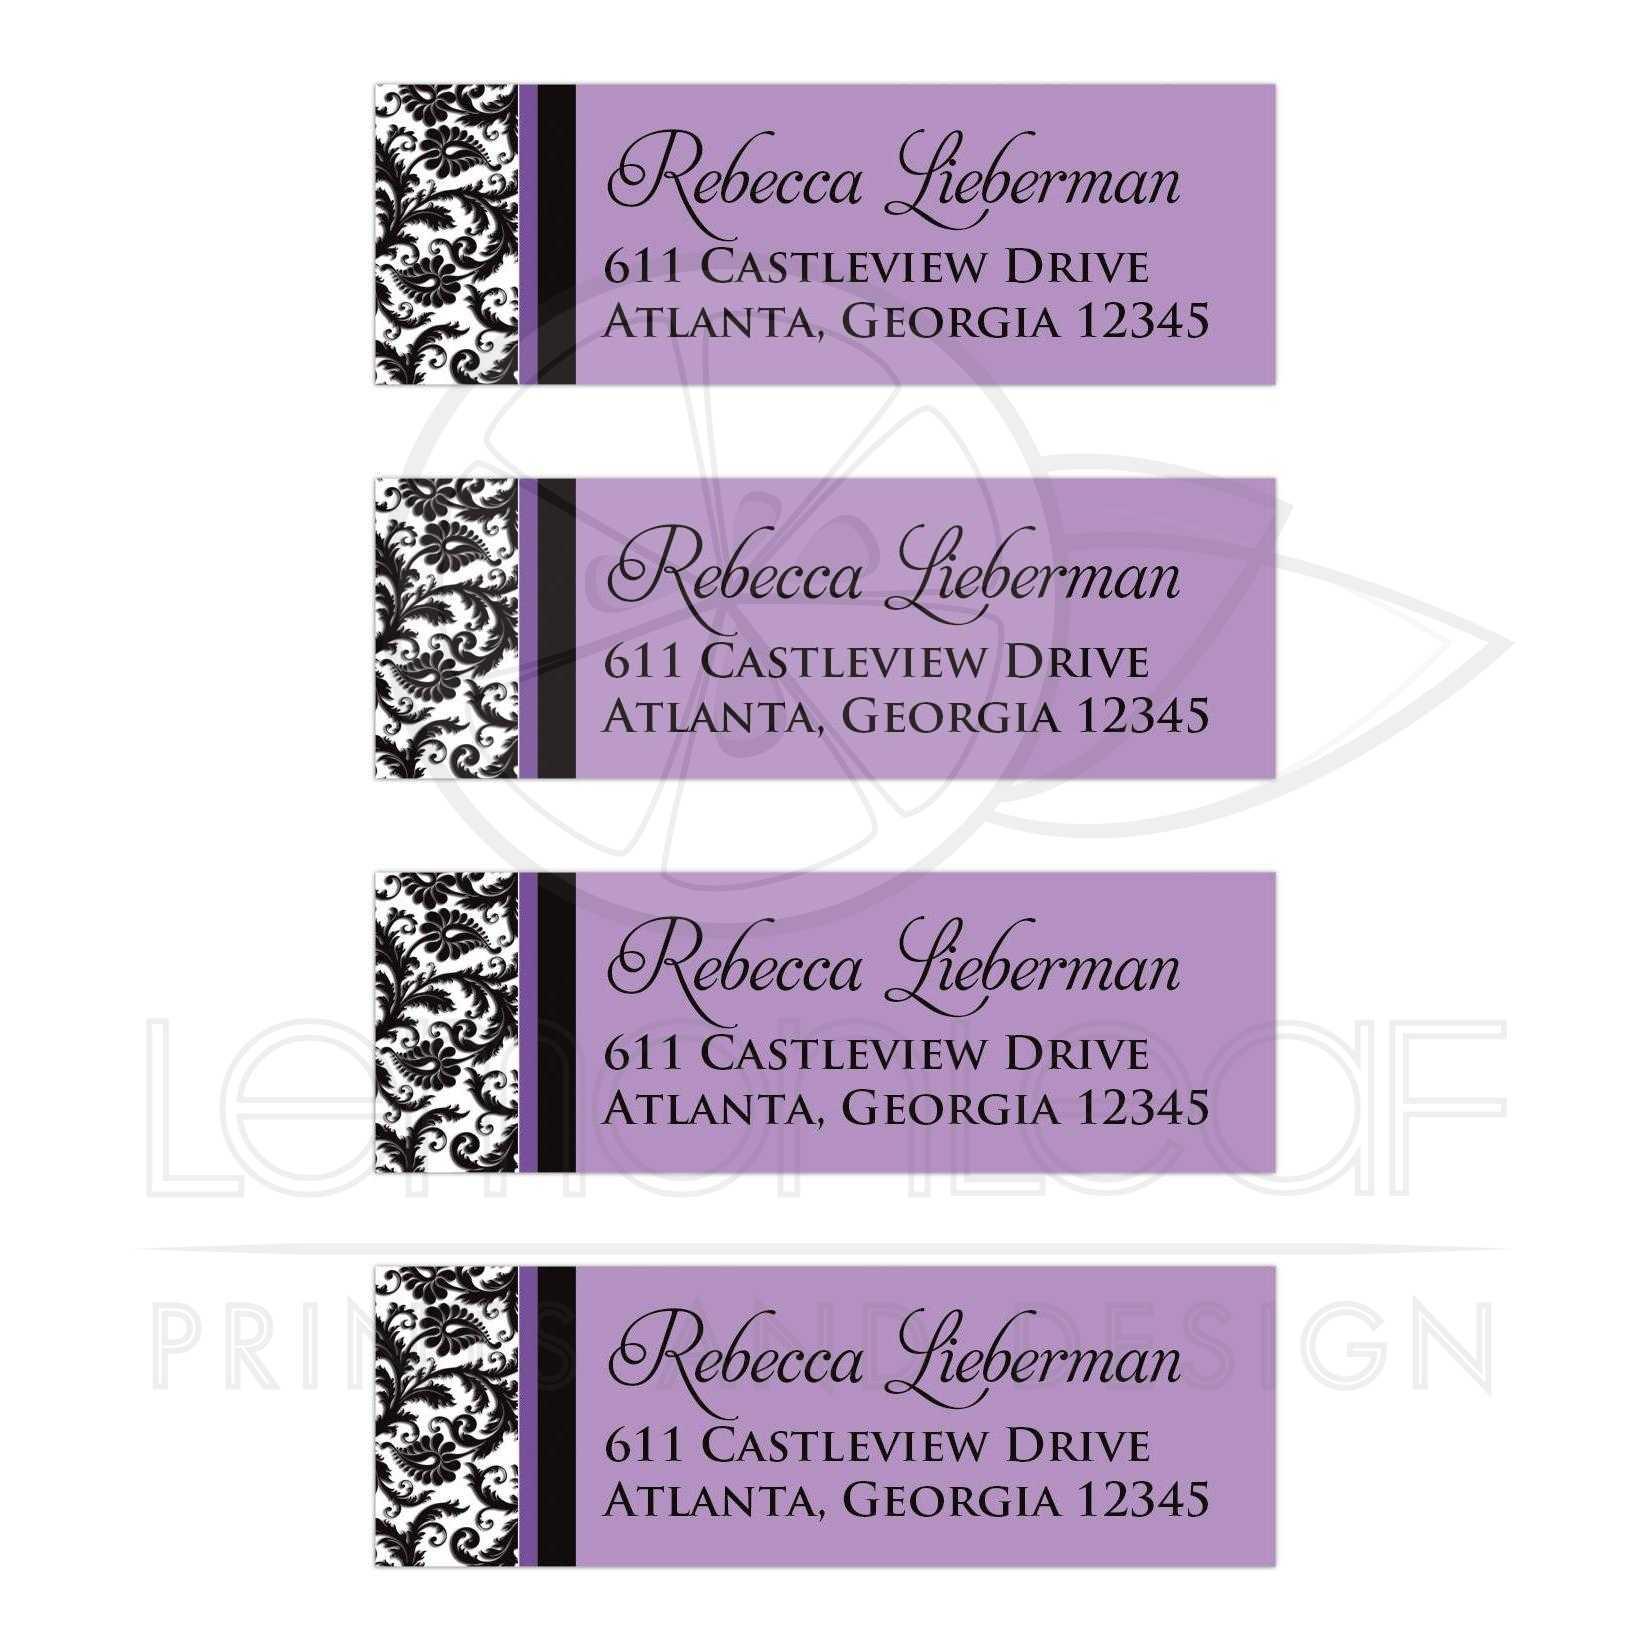 black address labels